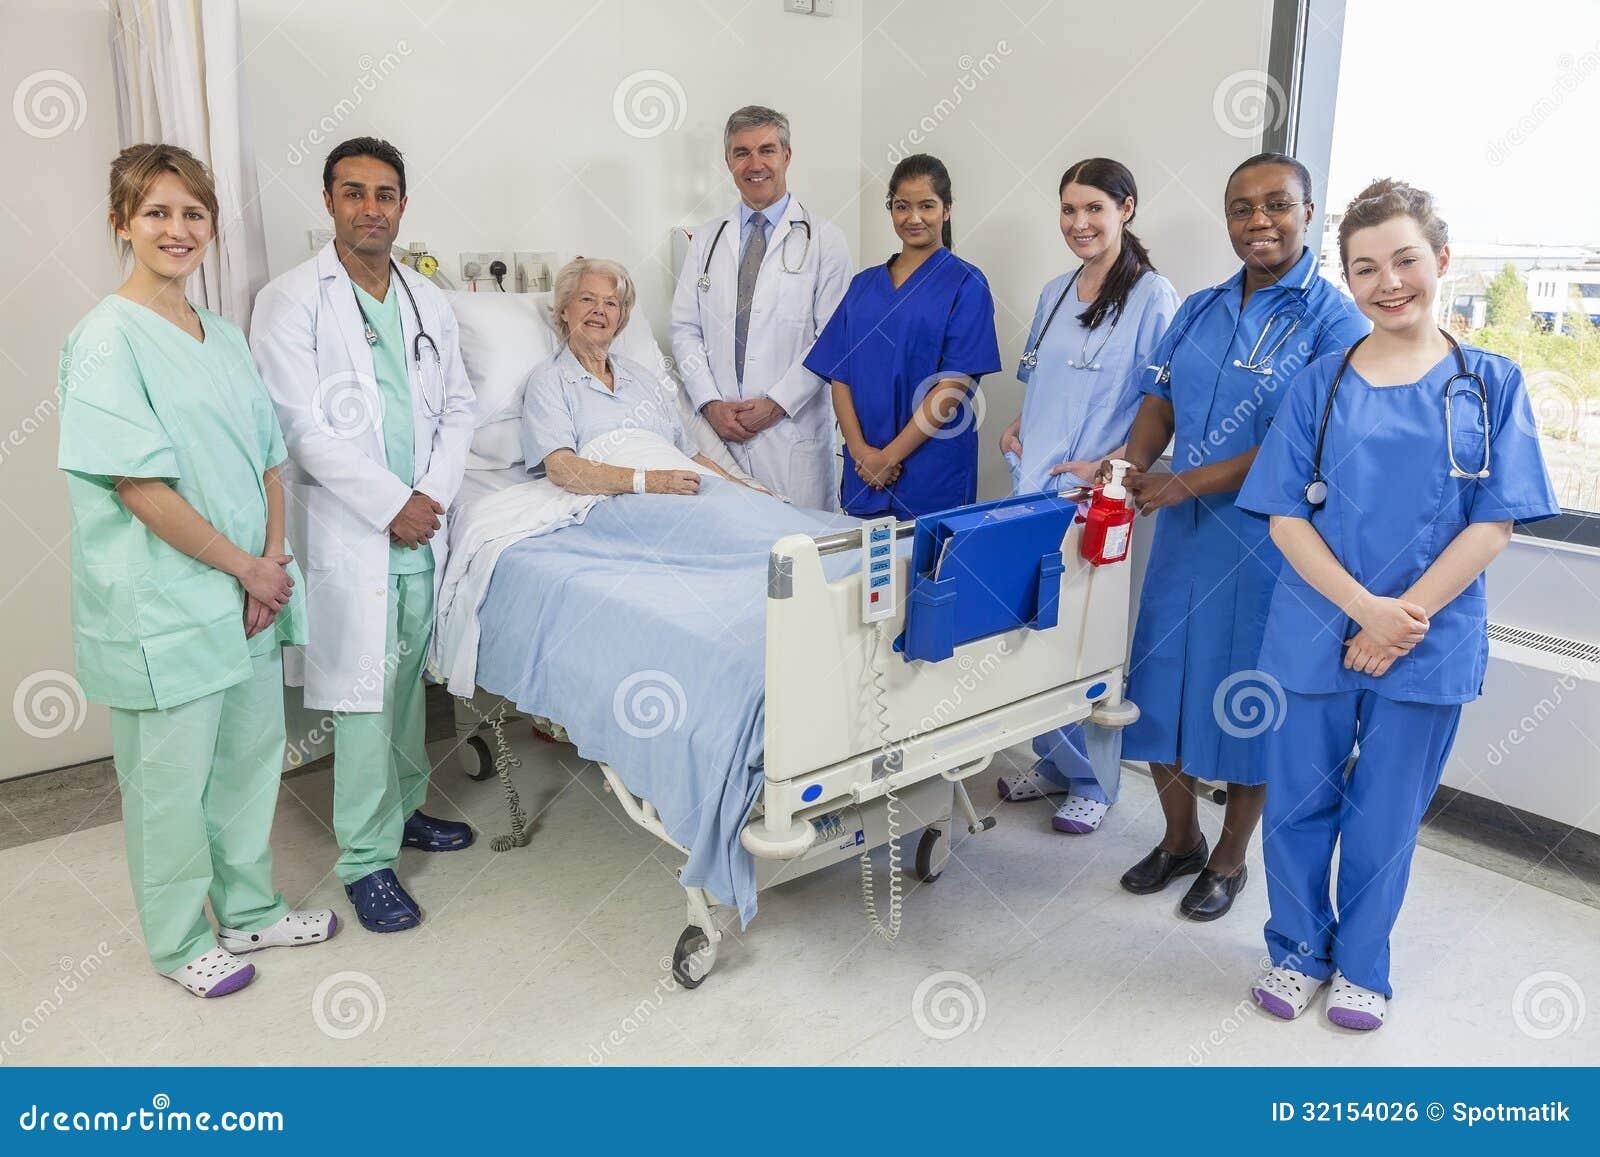 Ανώτερη θηλυκή ιατρική ομάδα γιατρών & νοσοκόμων γυναικών υπομονετική